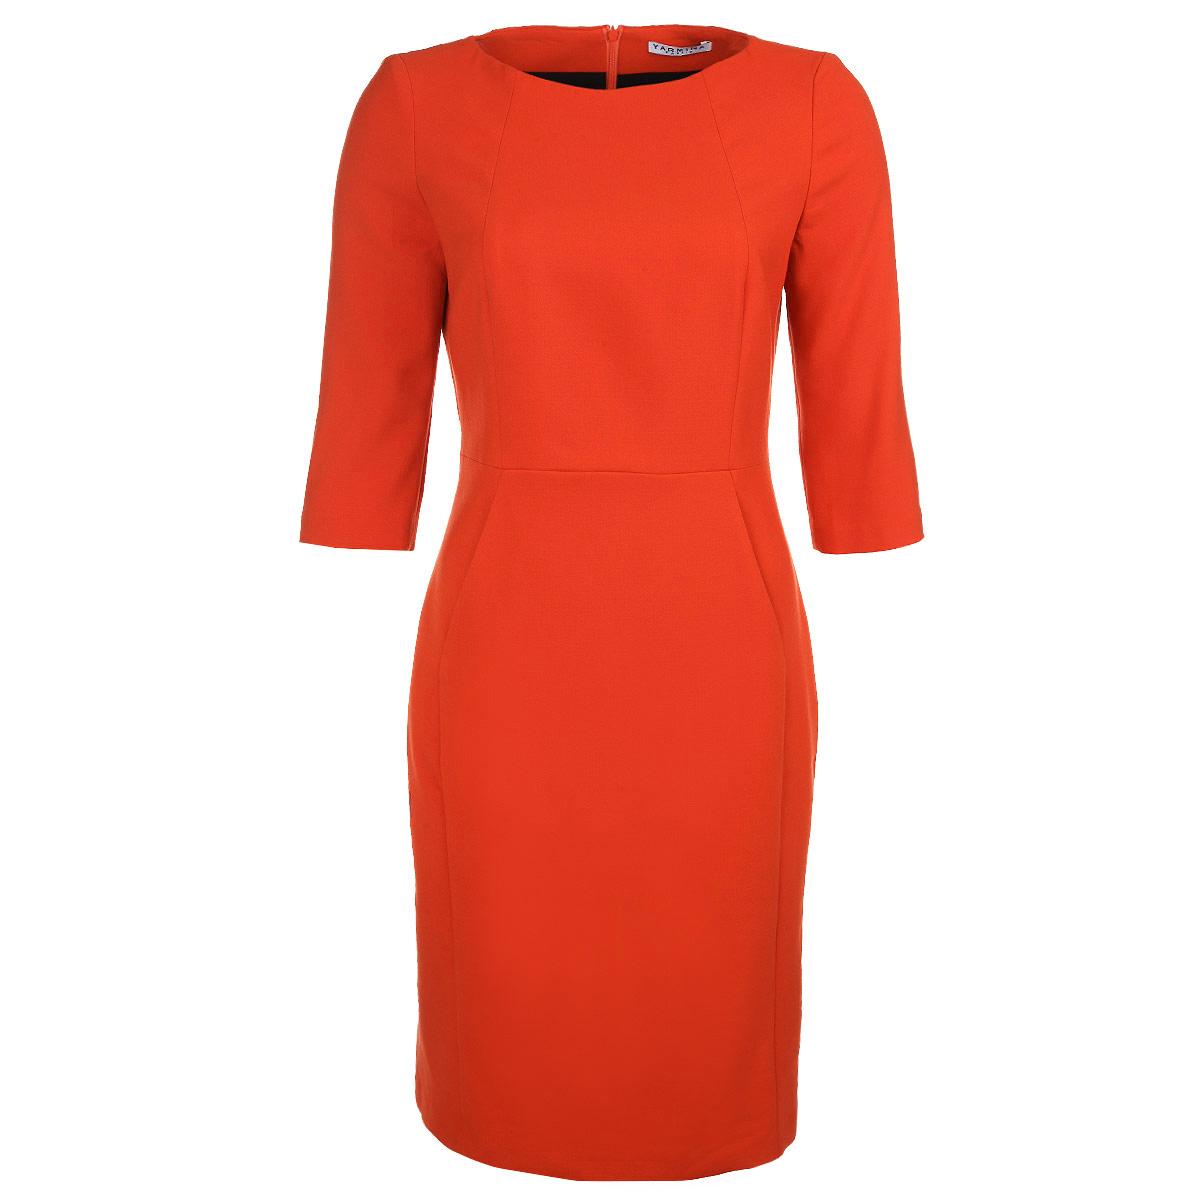 Платье. 40485504048550Элегантное платье Yarmina изготовлено из высококачественного материала. Такое платье обеспечит вам комфорт и удобство при носке. Платье с рукавами до локтя и круглым вырезом горловины застегивается на застежку-молнию сзади, оно понравится любой ценительнице классического стиля и современных форм. Платье дополнено двумя прорезными карманами спереди. Приталенная модель с пришивной прямой юбкой великолепно подчеркнет достоинства вашей фигуры. Изысканное платье создаст обворожительный неповторимый образ. Это модное и удобное платье станет превосходным дополнением к вашему гардеробу, оно подарит вам удобство и поможет вам подчеркнуть свой вкус и неповторимый стиль.